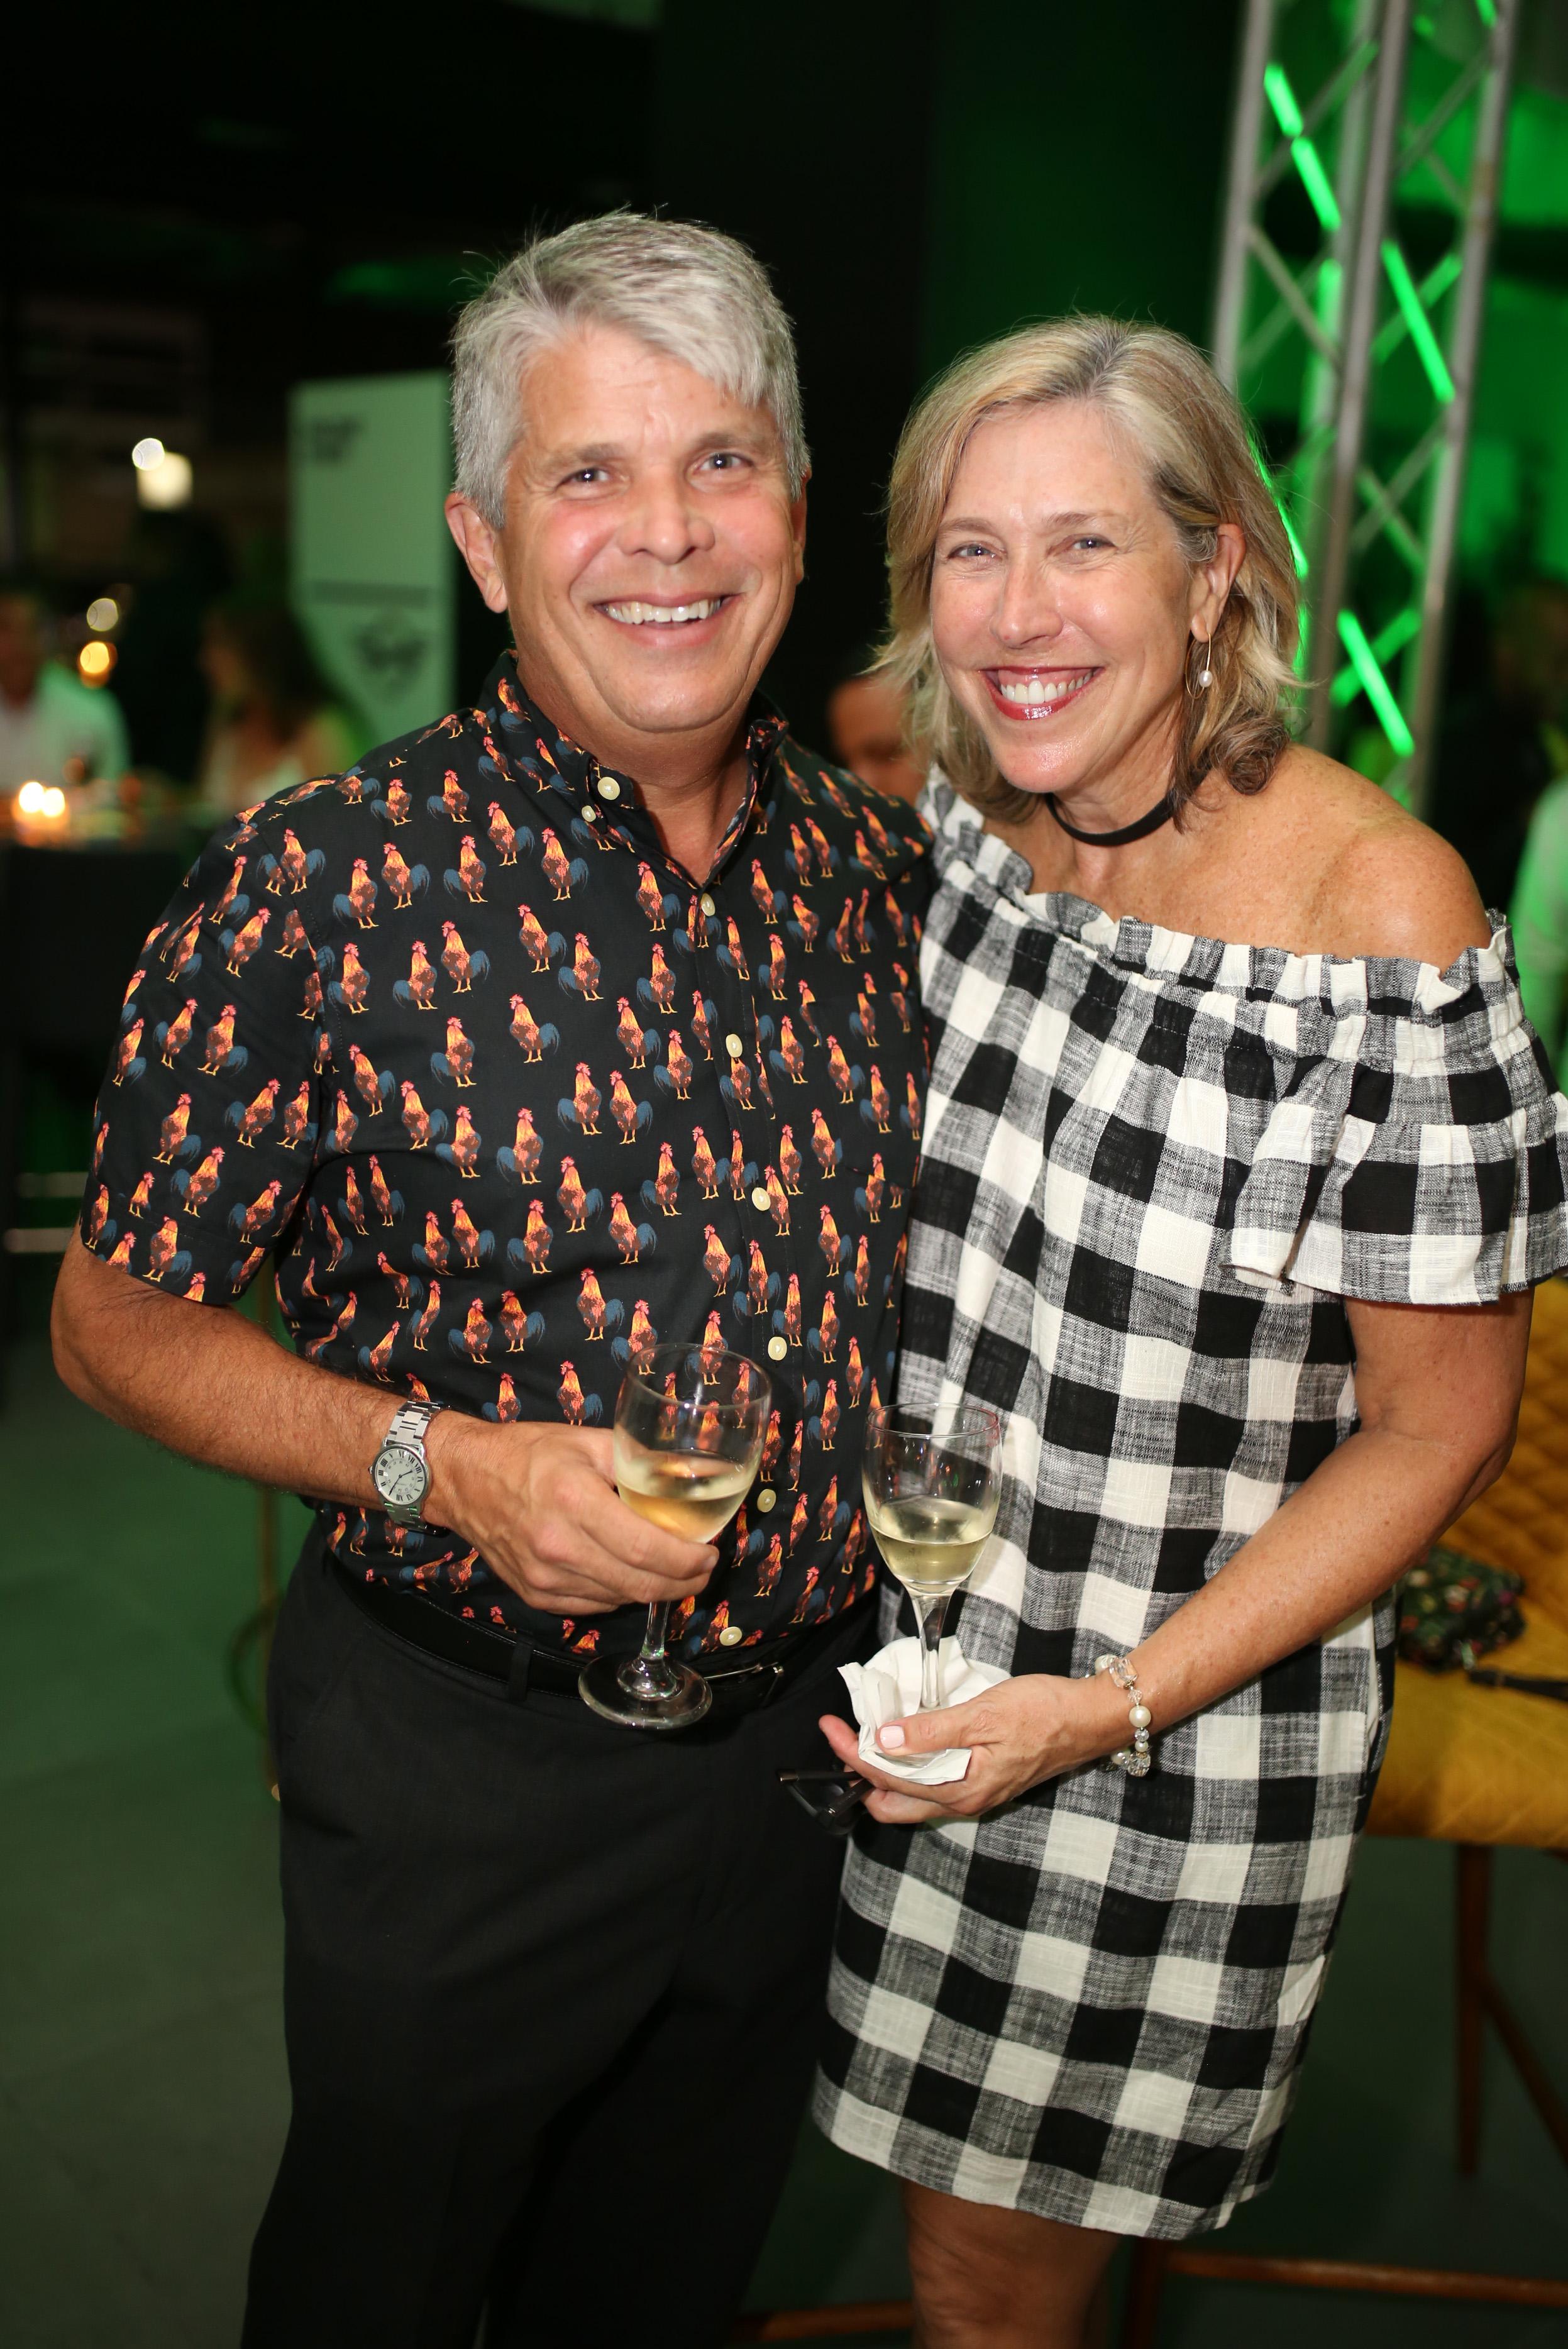 David y Norma Romeu. Foto José R. Pérez Centeno.